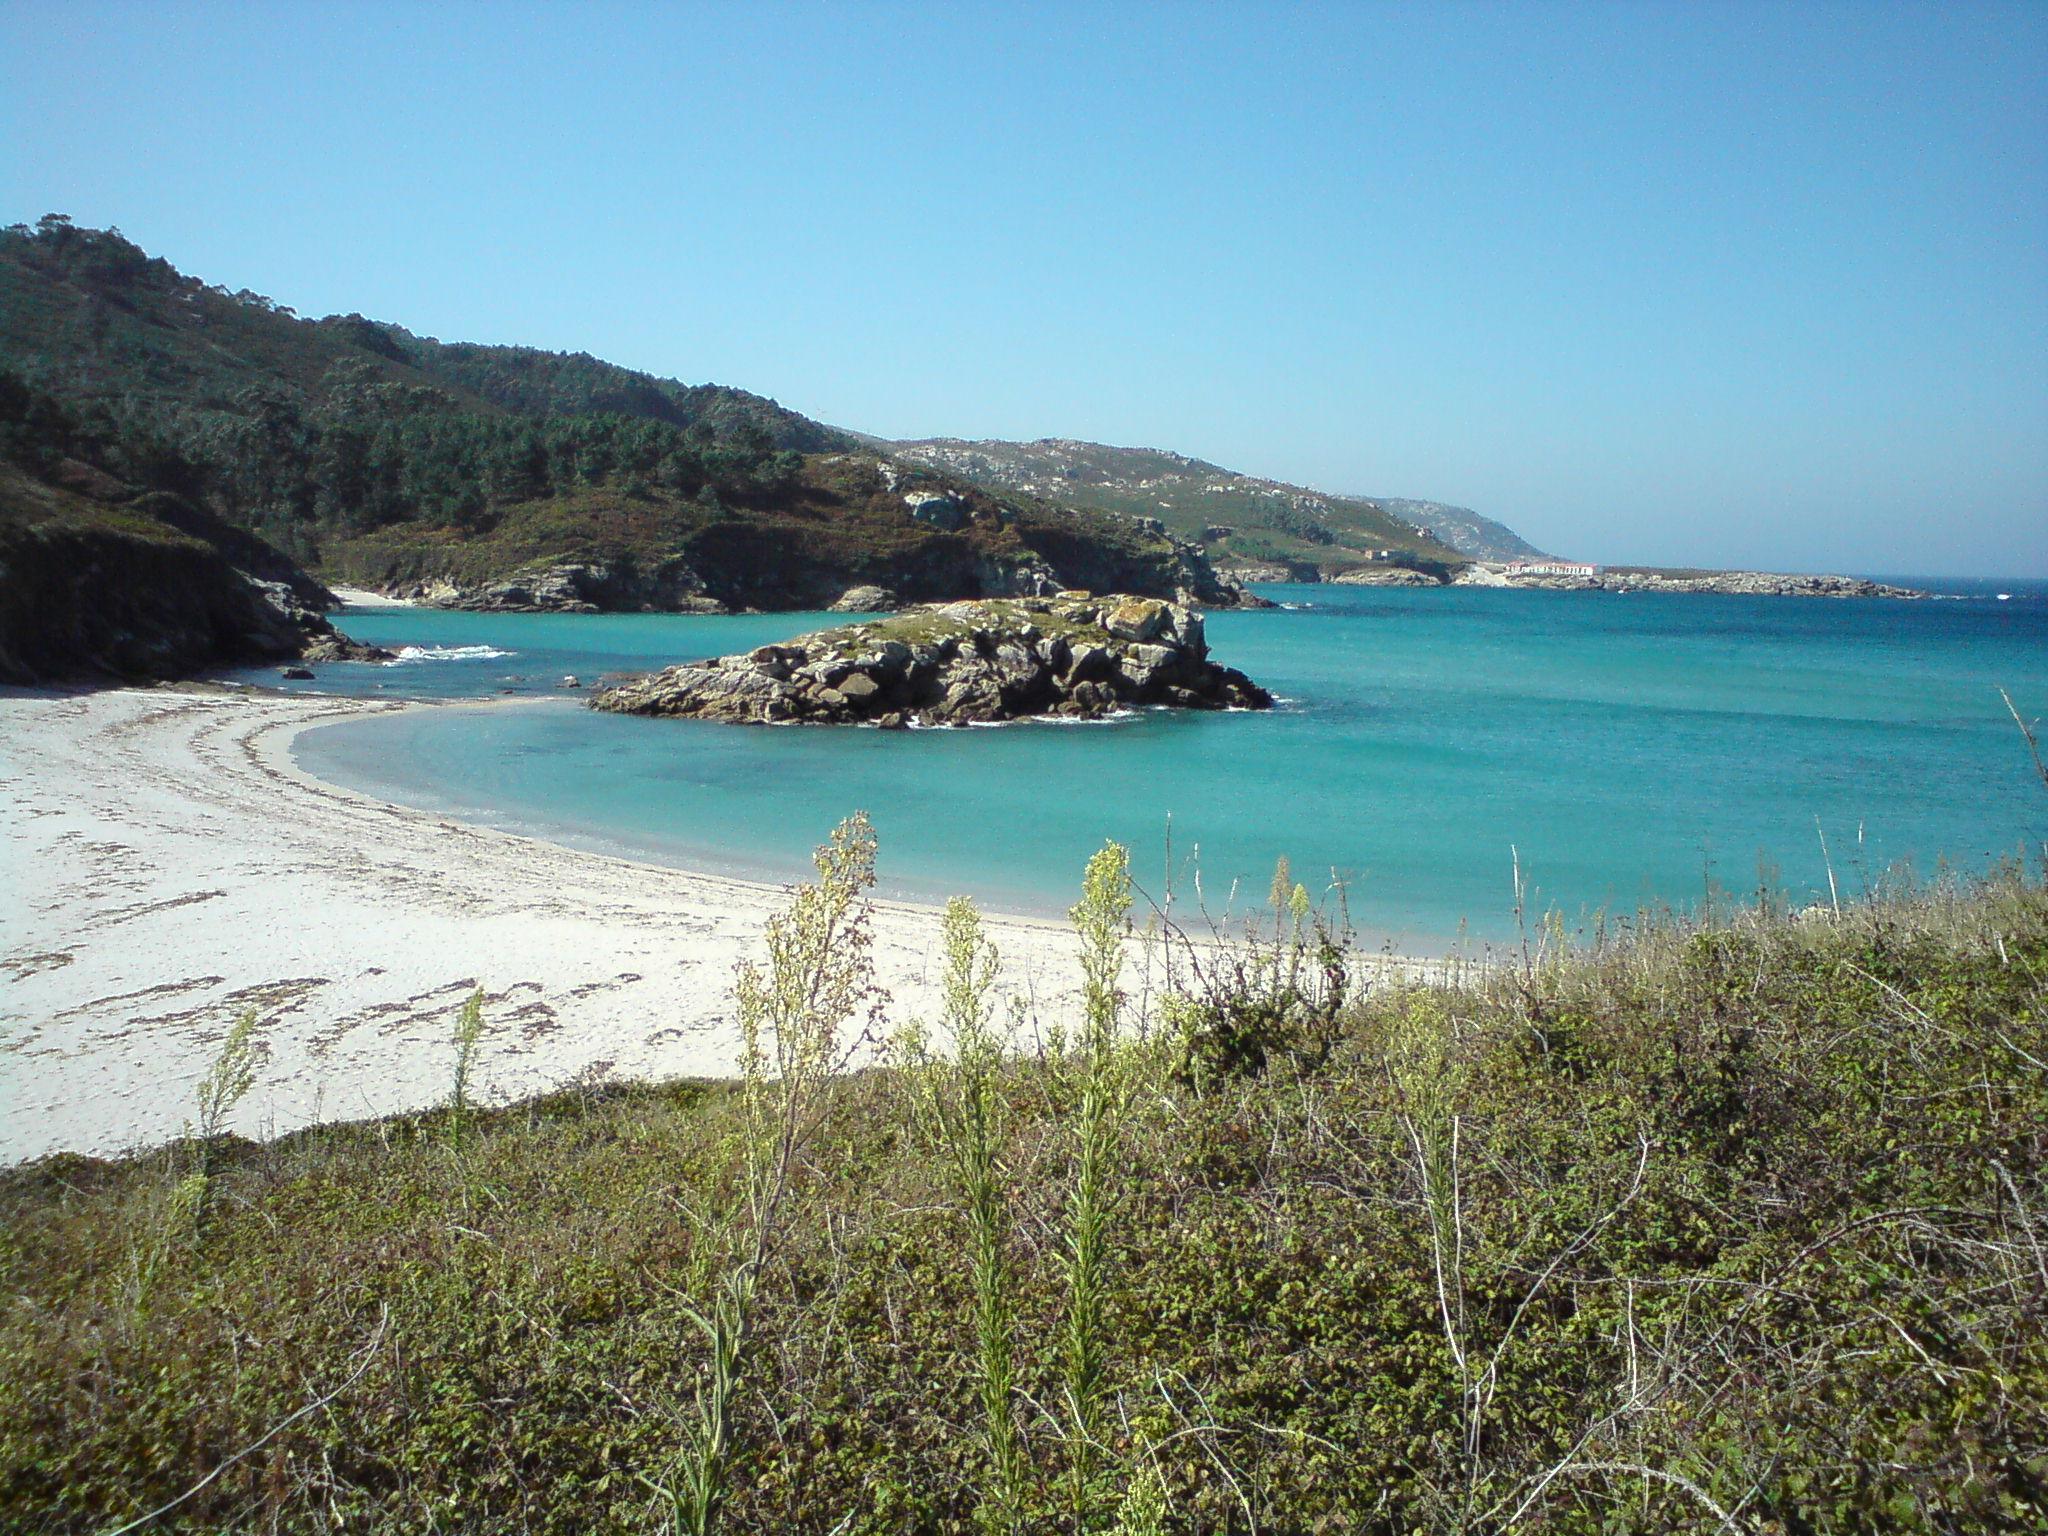 Playa Santa Mariña de Brantuas